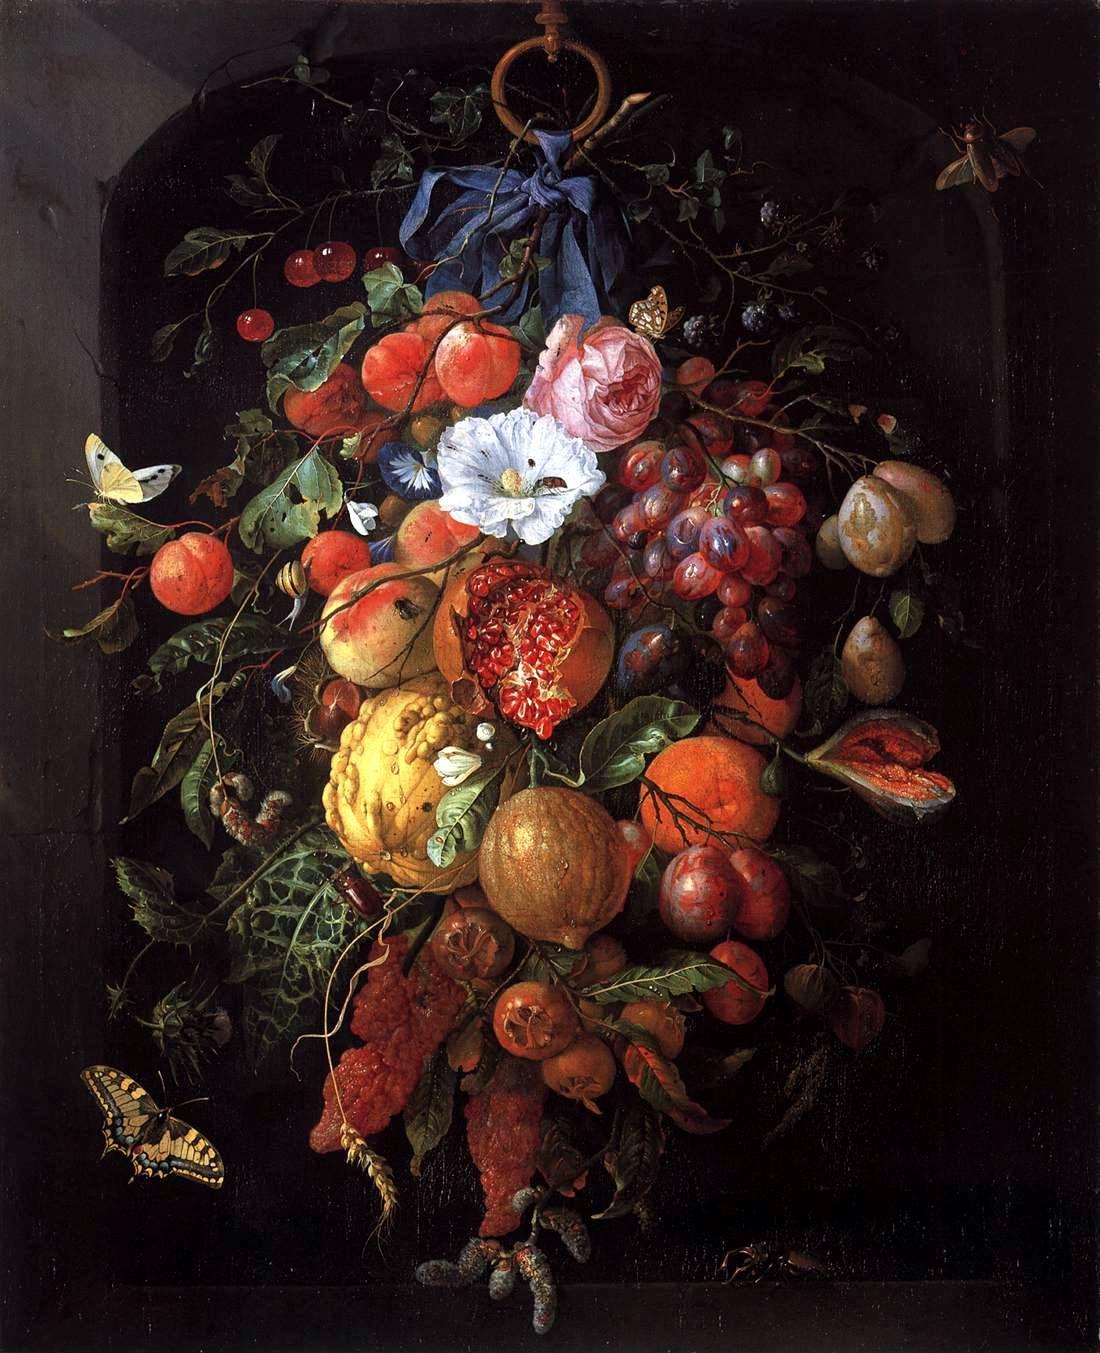 vase of flowers de heem of elements and principles of art watercolor journal for jan davidsz de heem